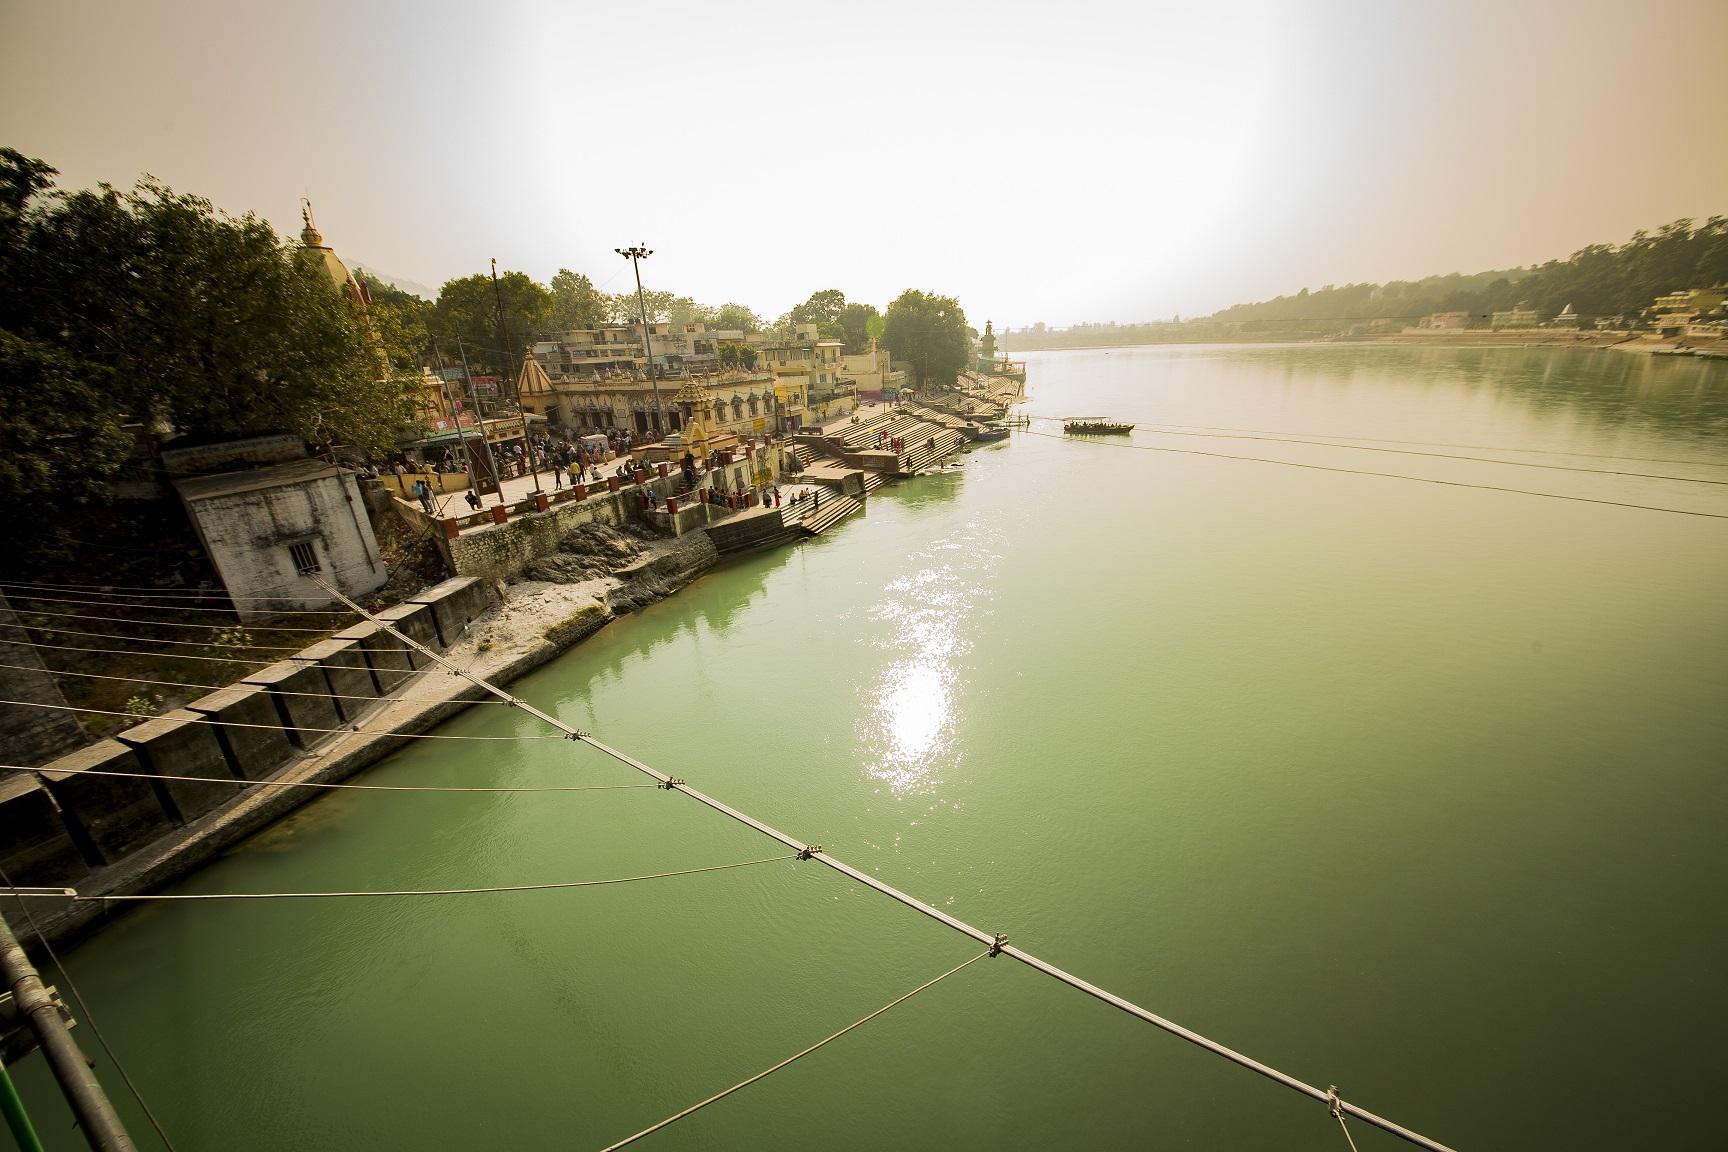 Allí, donde nace el Ganges